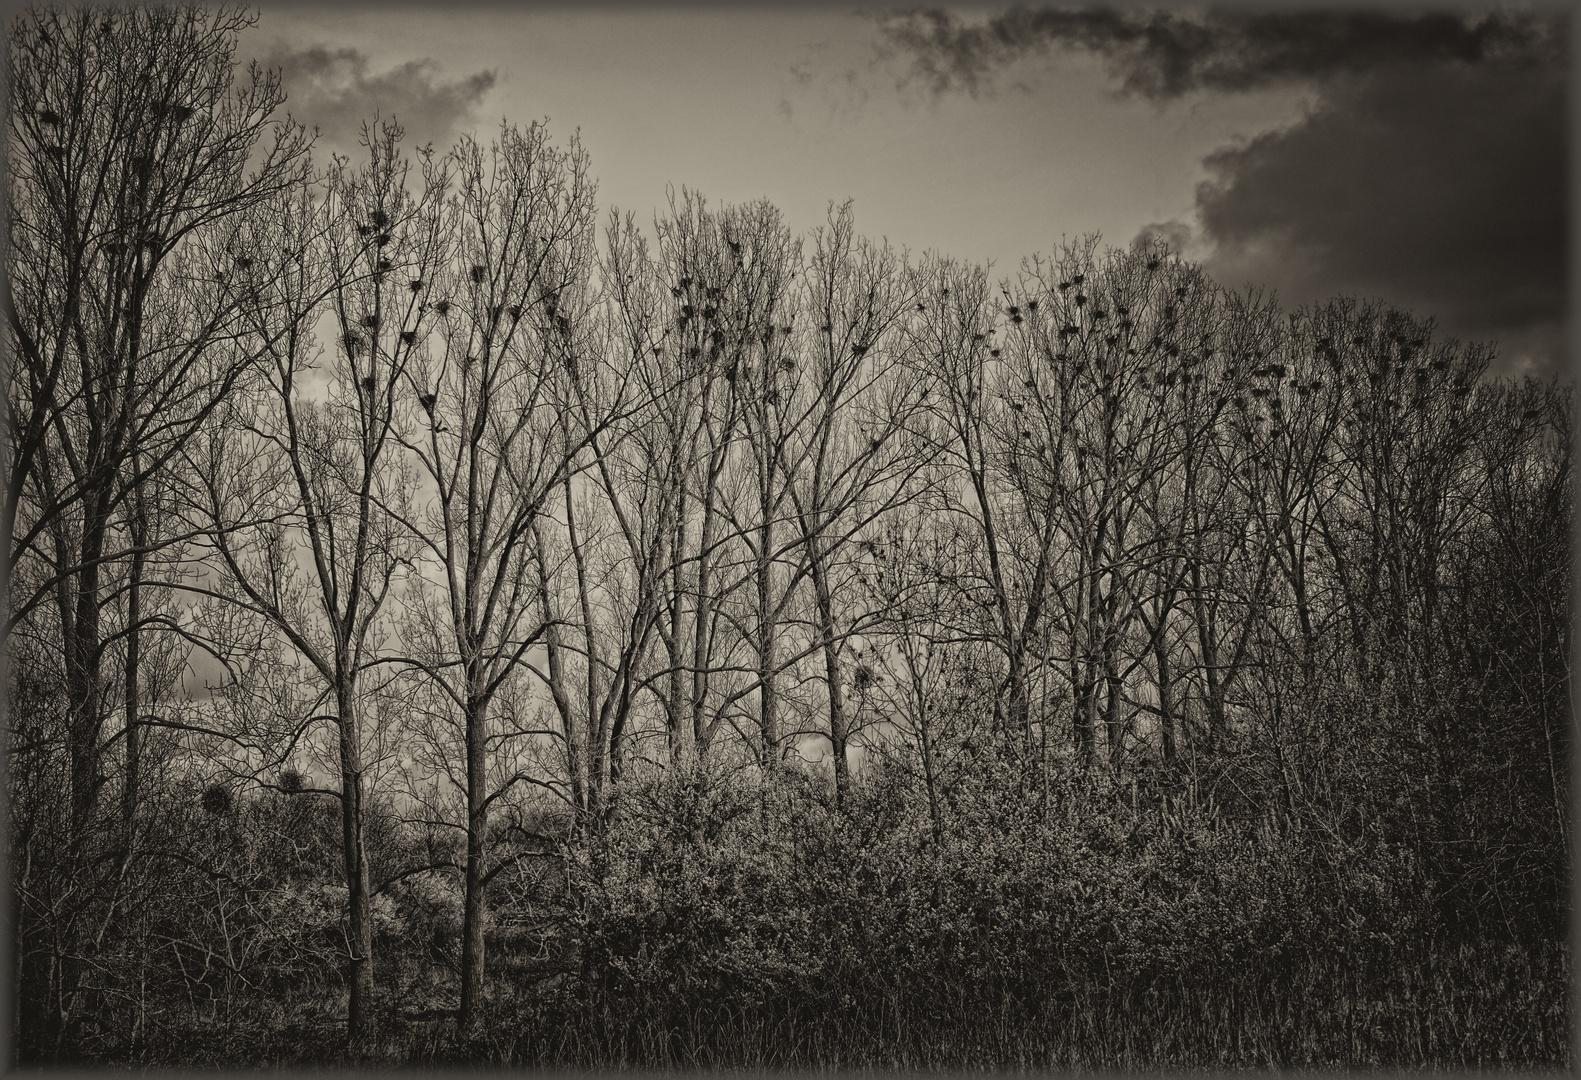 Noch sind die Nester leer - Les nids sont encore vides